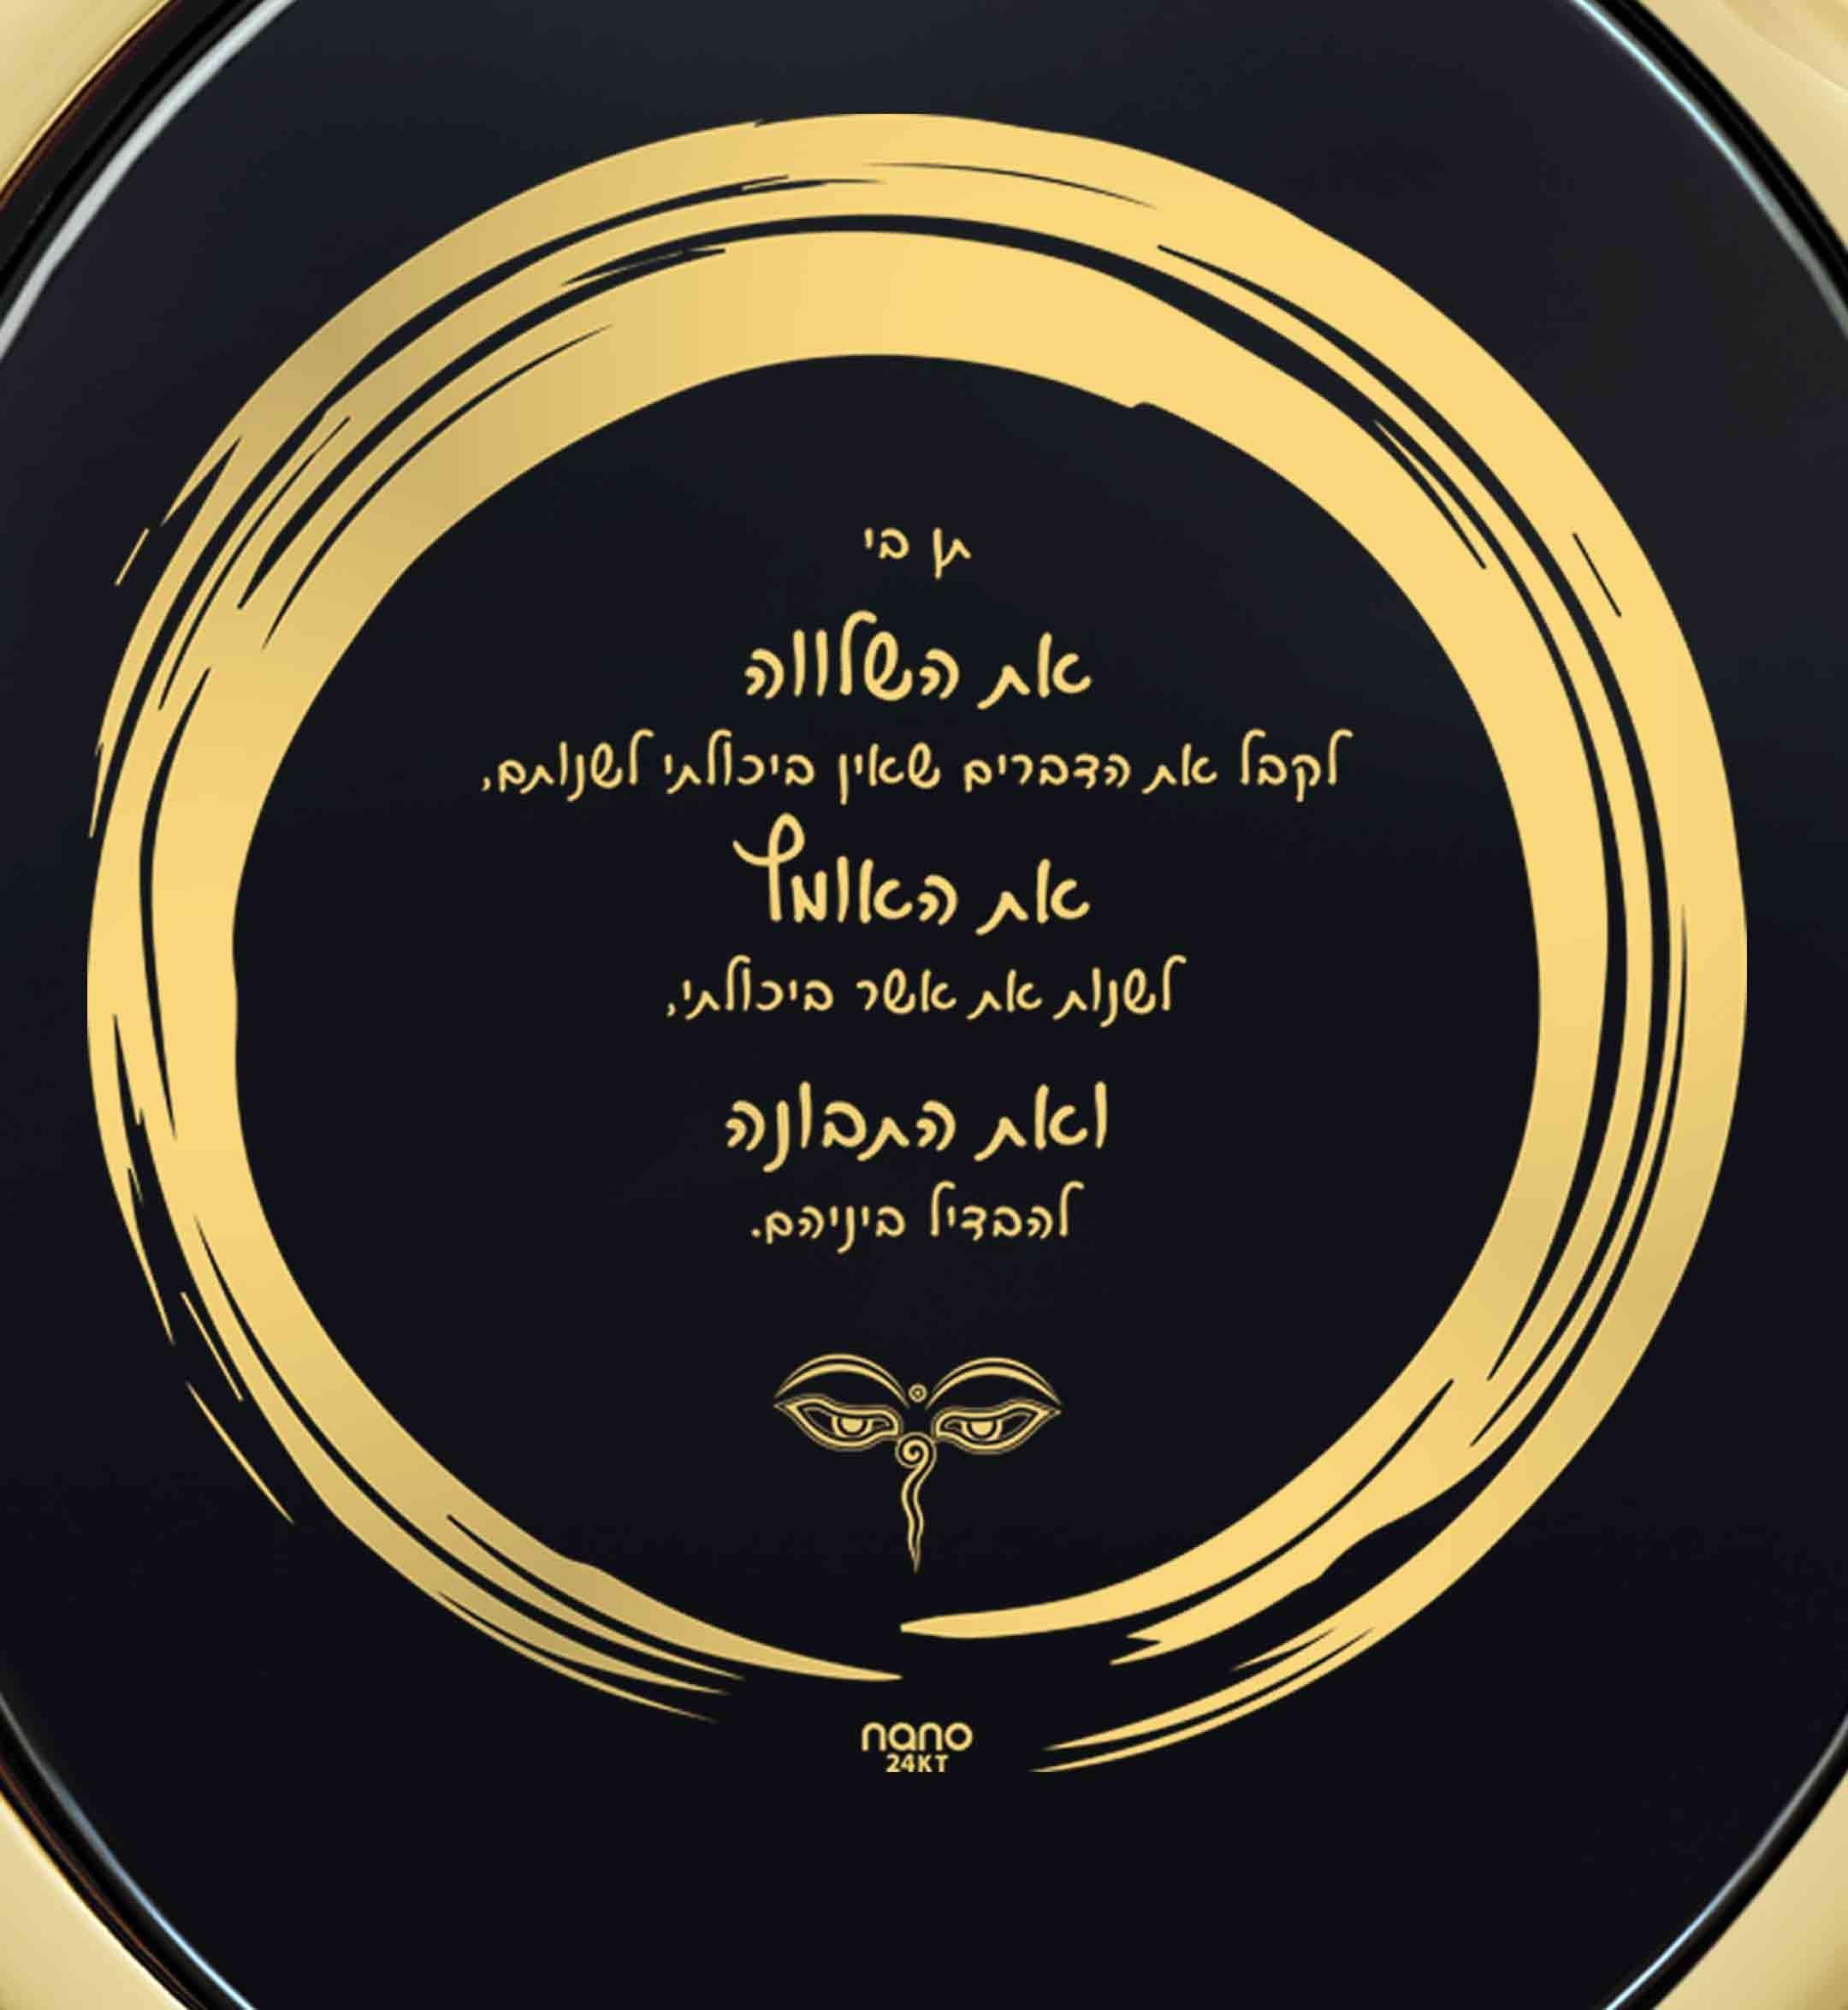 מתנות ליום הולדת לאבא - תפילת השלווה - ננו תכשיטיםמתנות ליום הולדת לאבא - תפילת השלווה - ננו תכשיטים